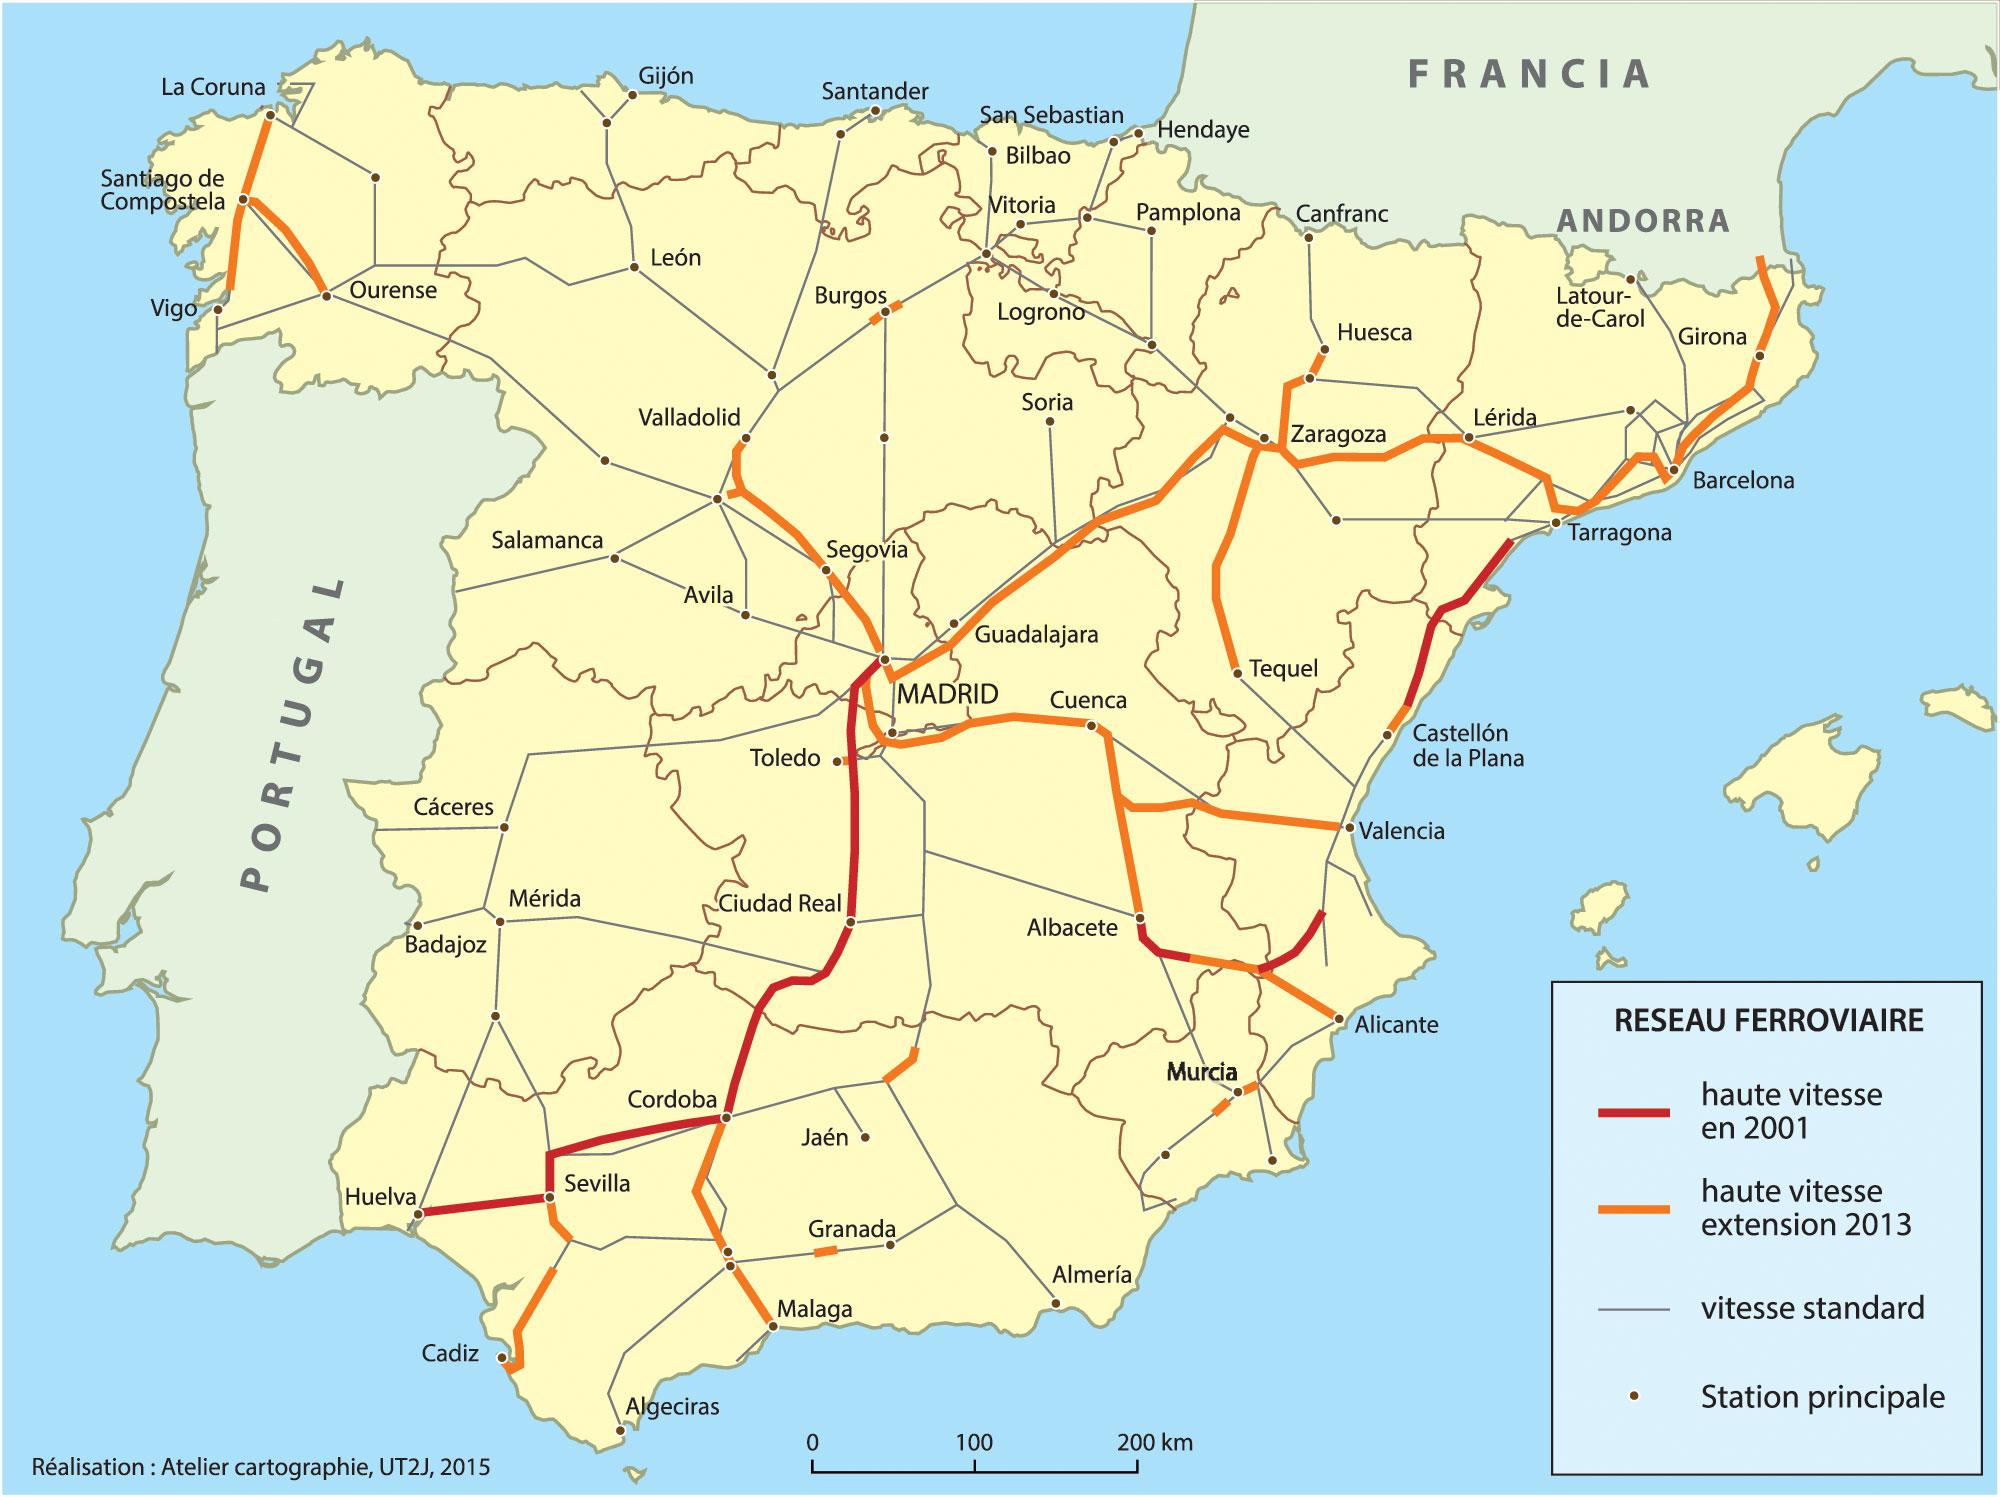 Carte Ferroviaire Andalousie.Logiques Urbaines Et Politiques De Transport En Espagne Du